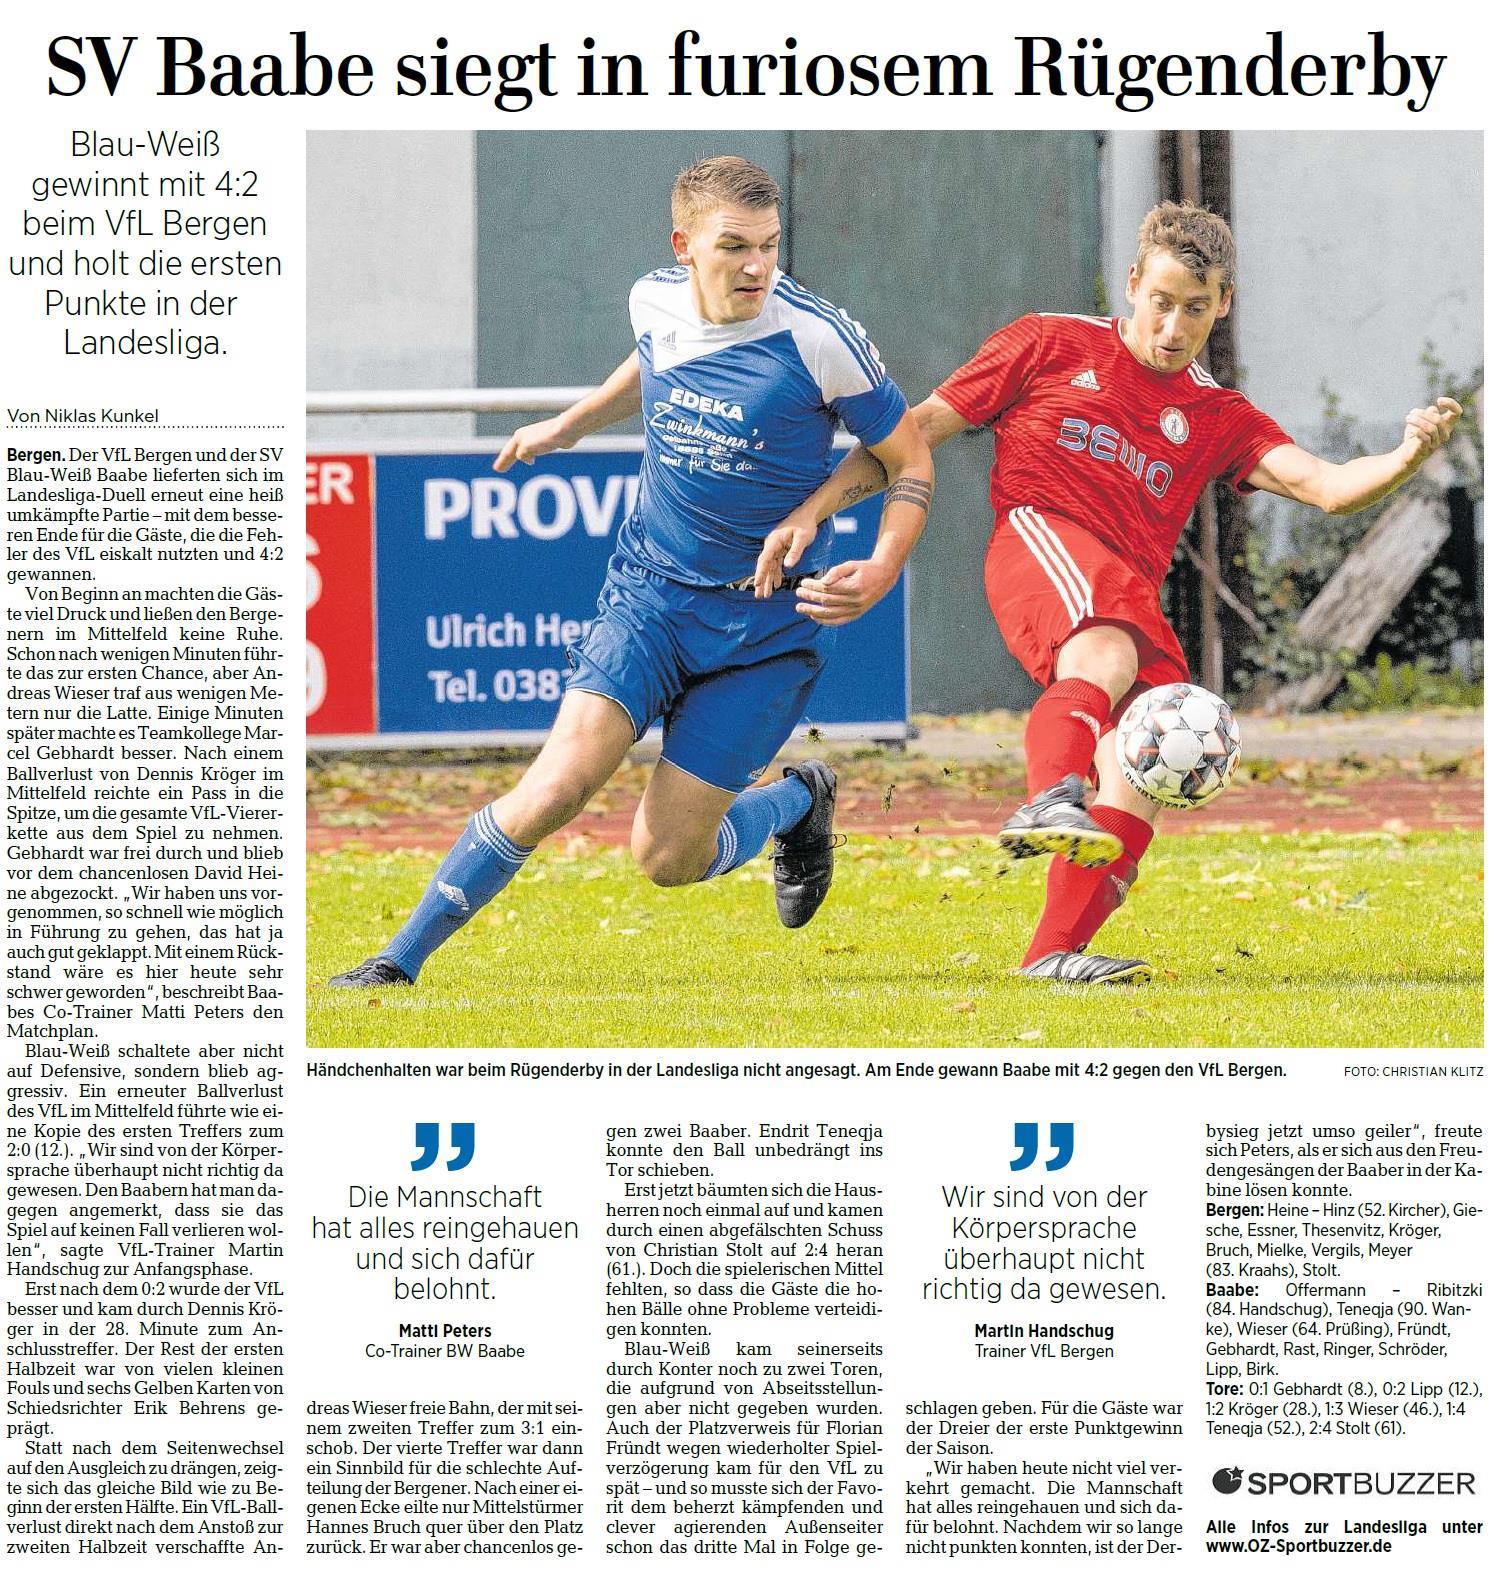 Baabe gewann auch das 3. Rügenderby